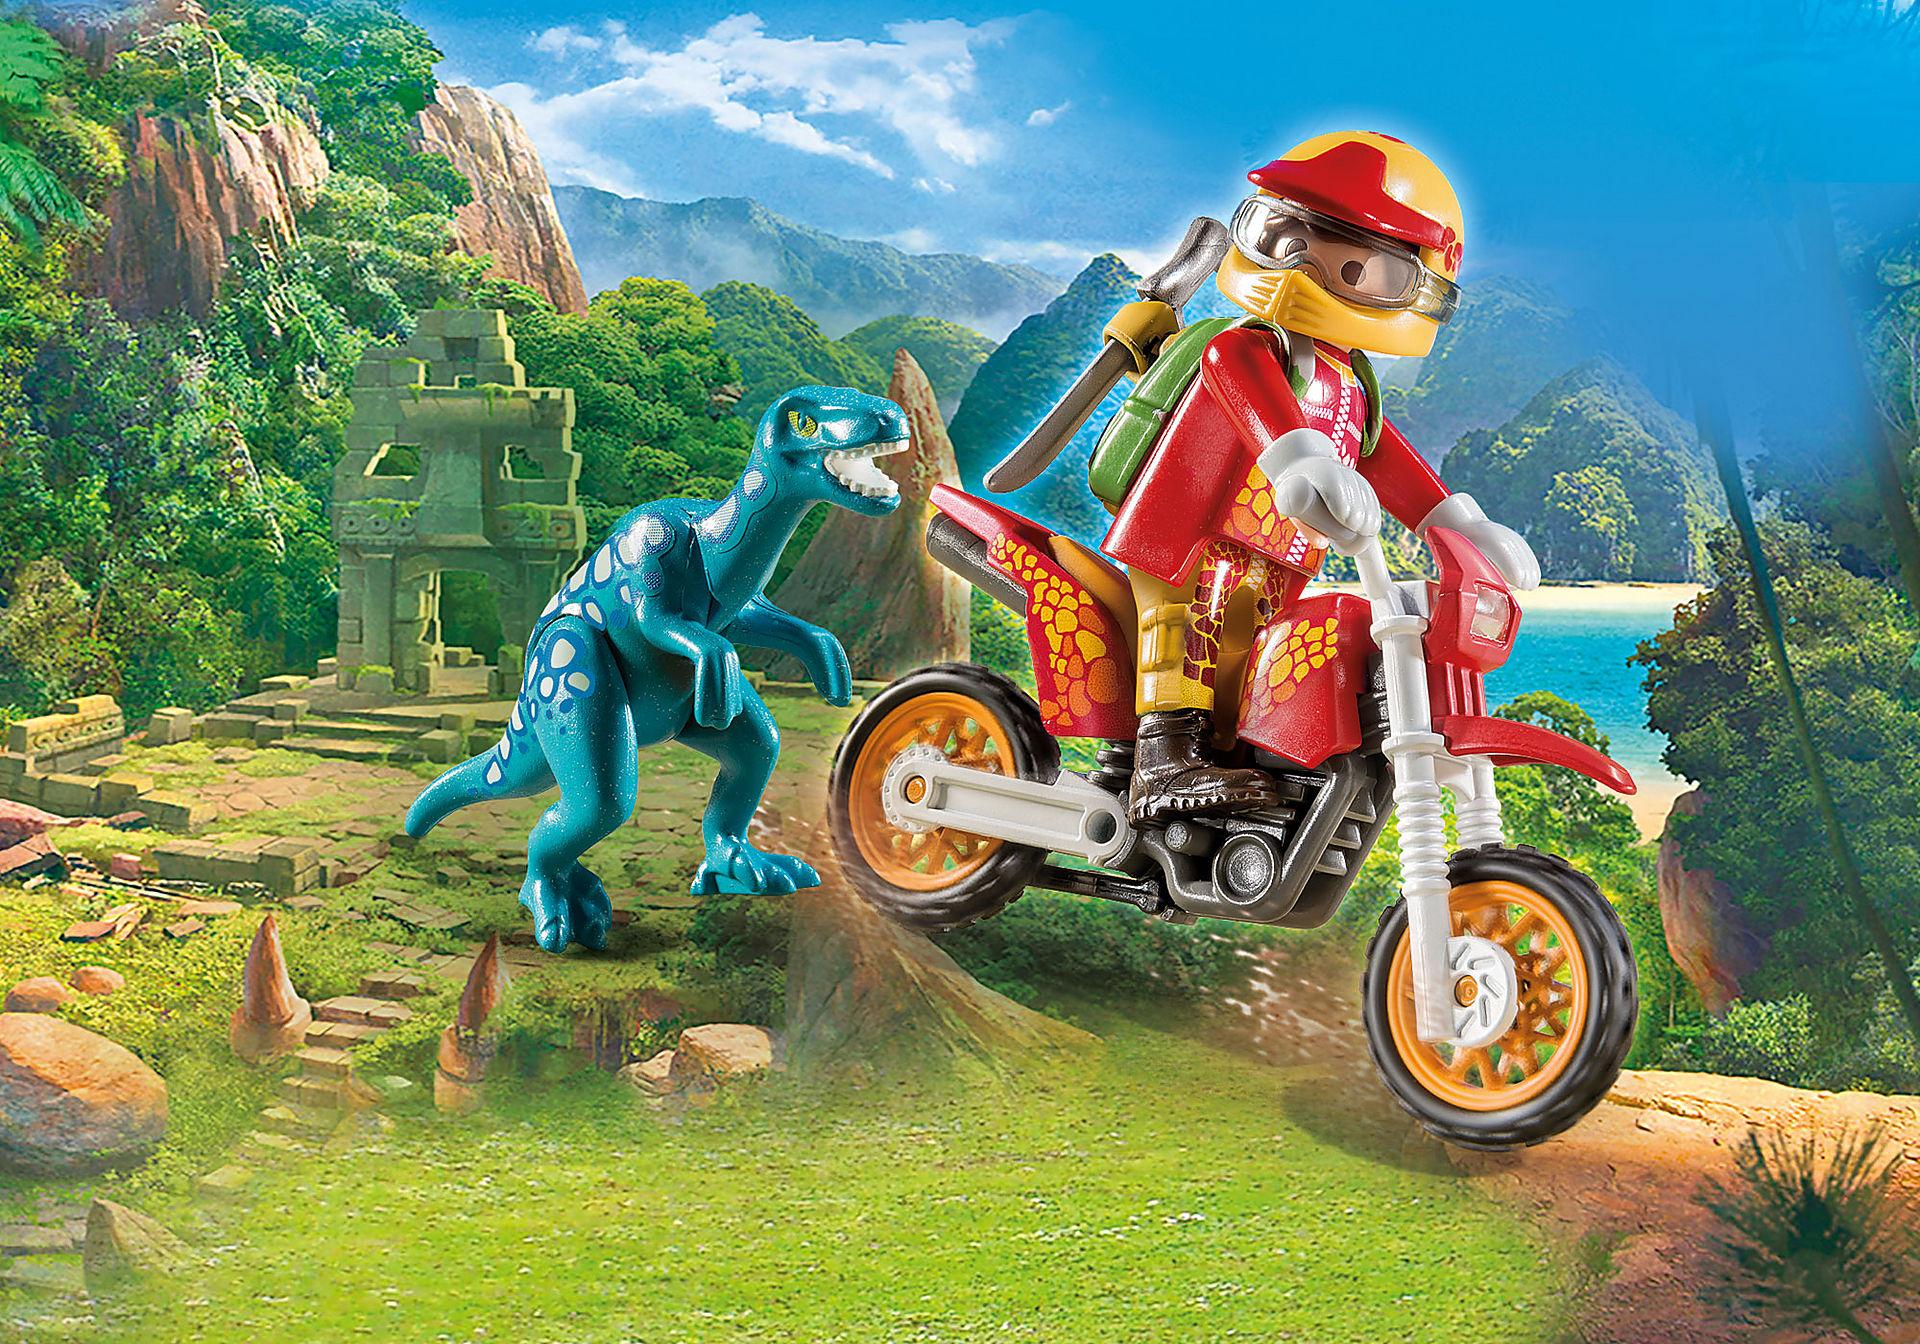 9431 Εξερευνητής με Motocross και μικρό δεινόσαυρο zoom image1